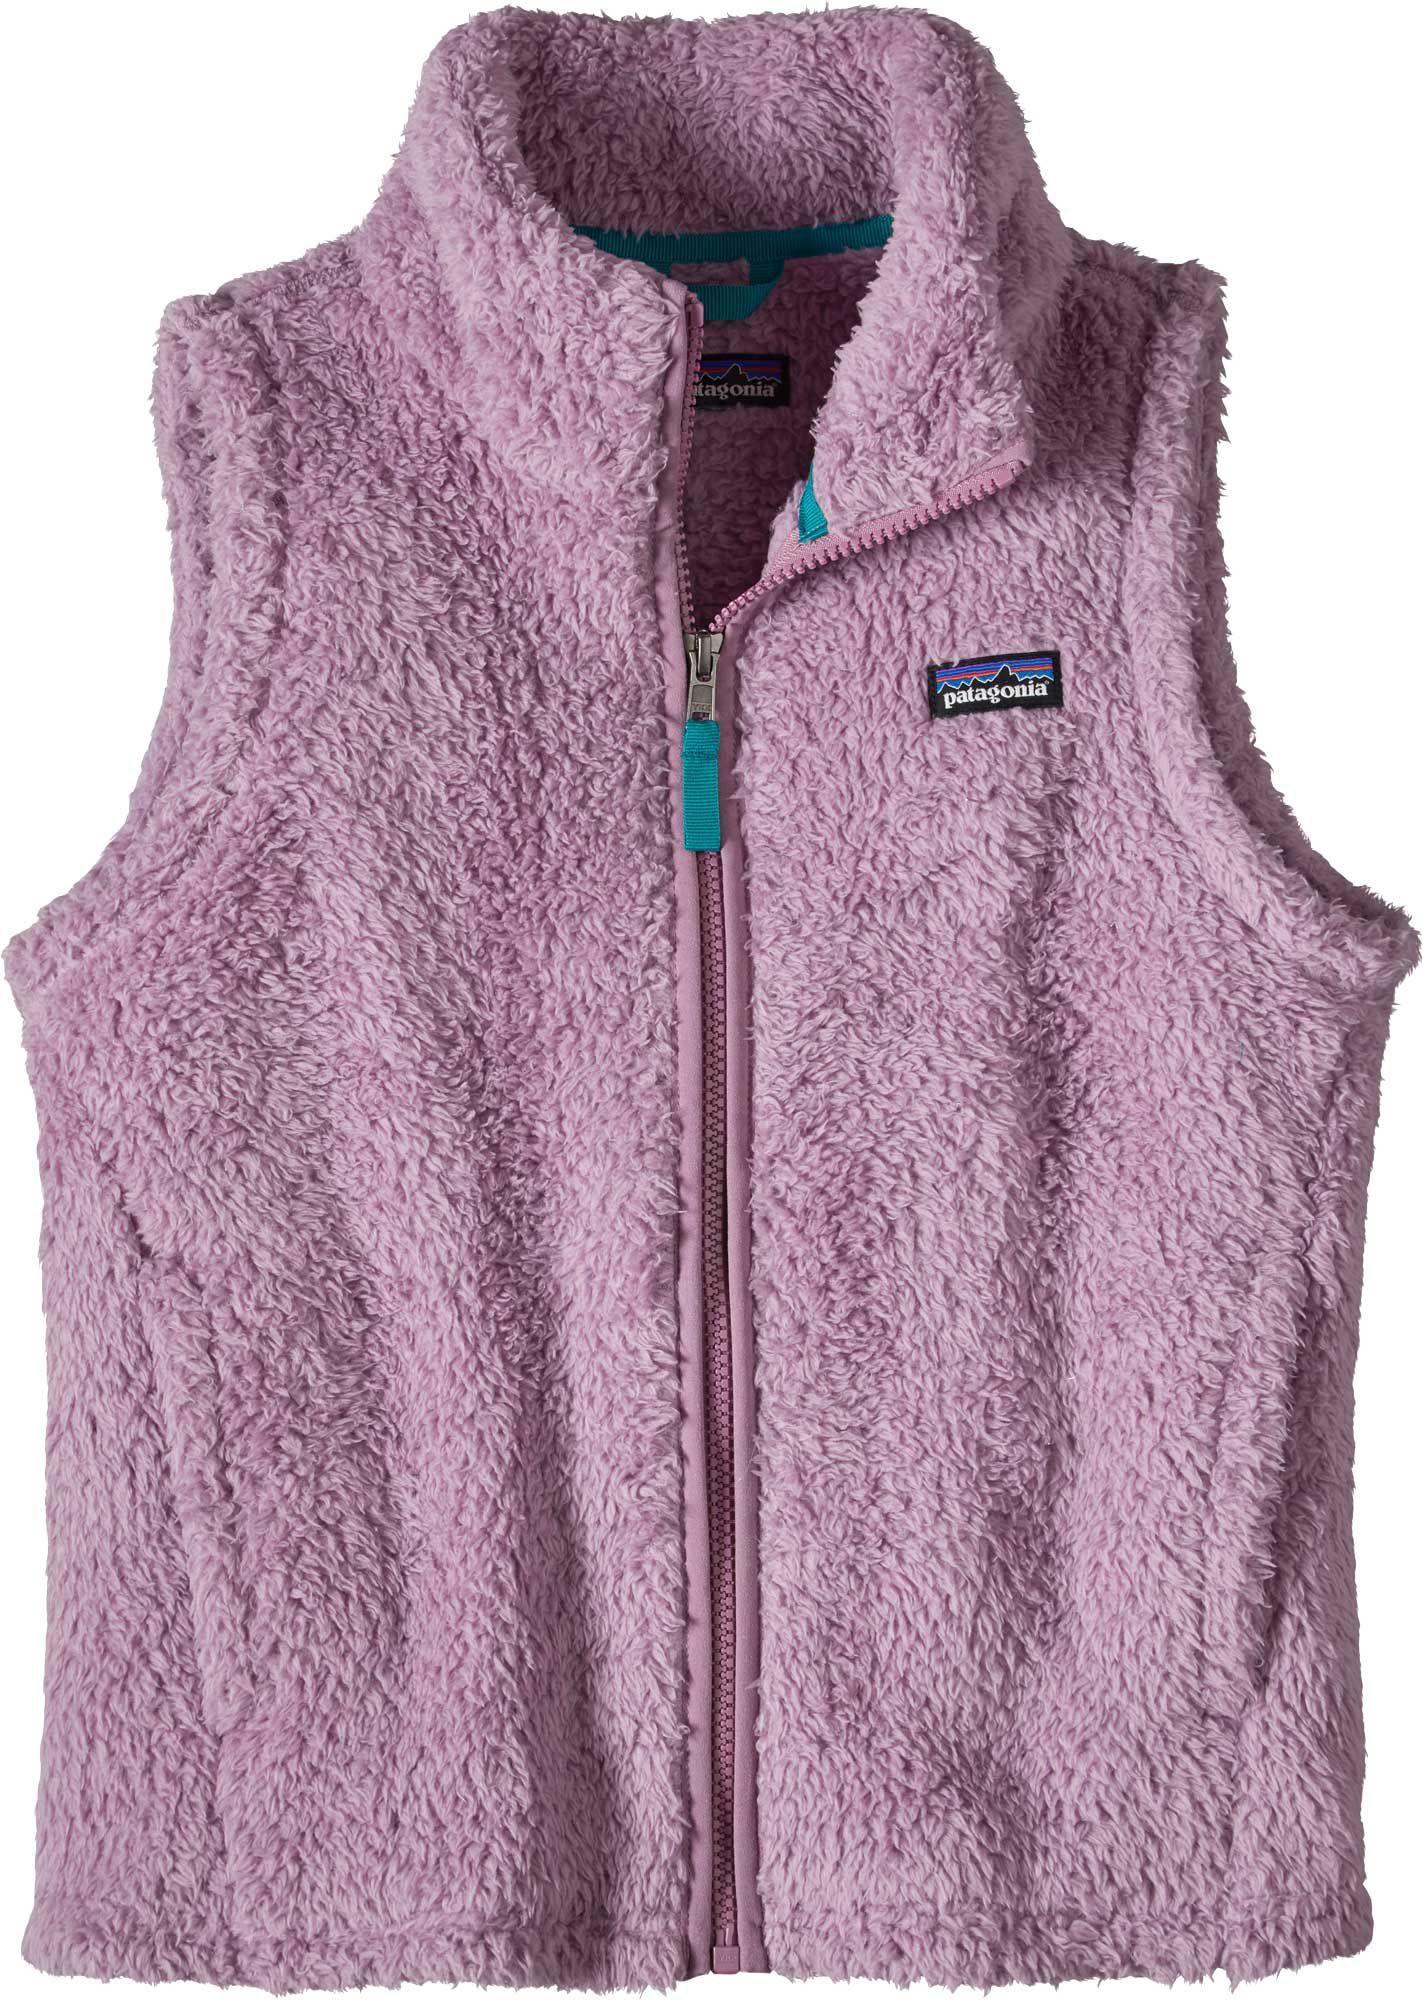 Patagonia girlsu los gatos fleece vest fleece vest and products